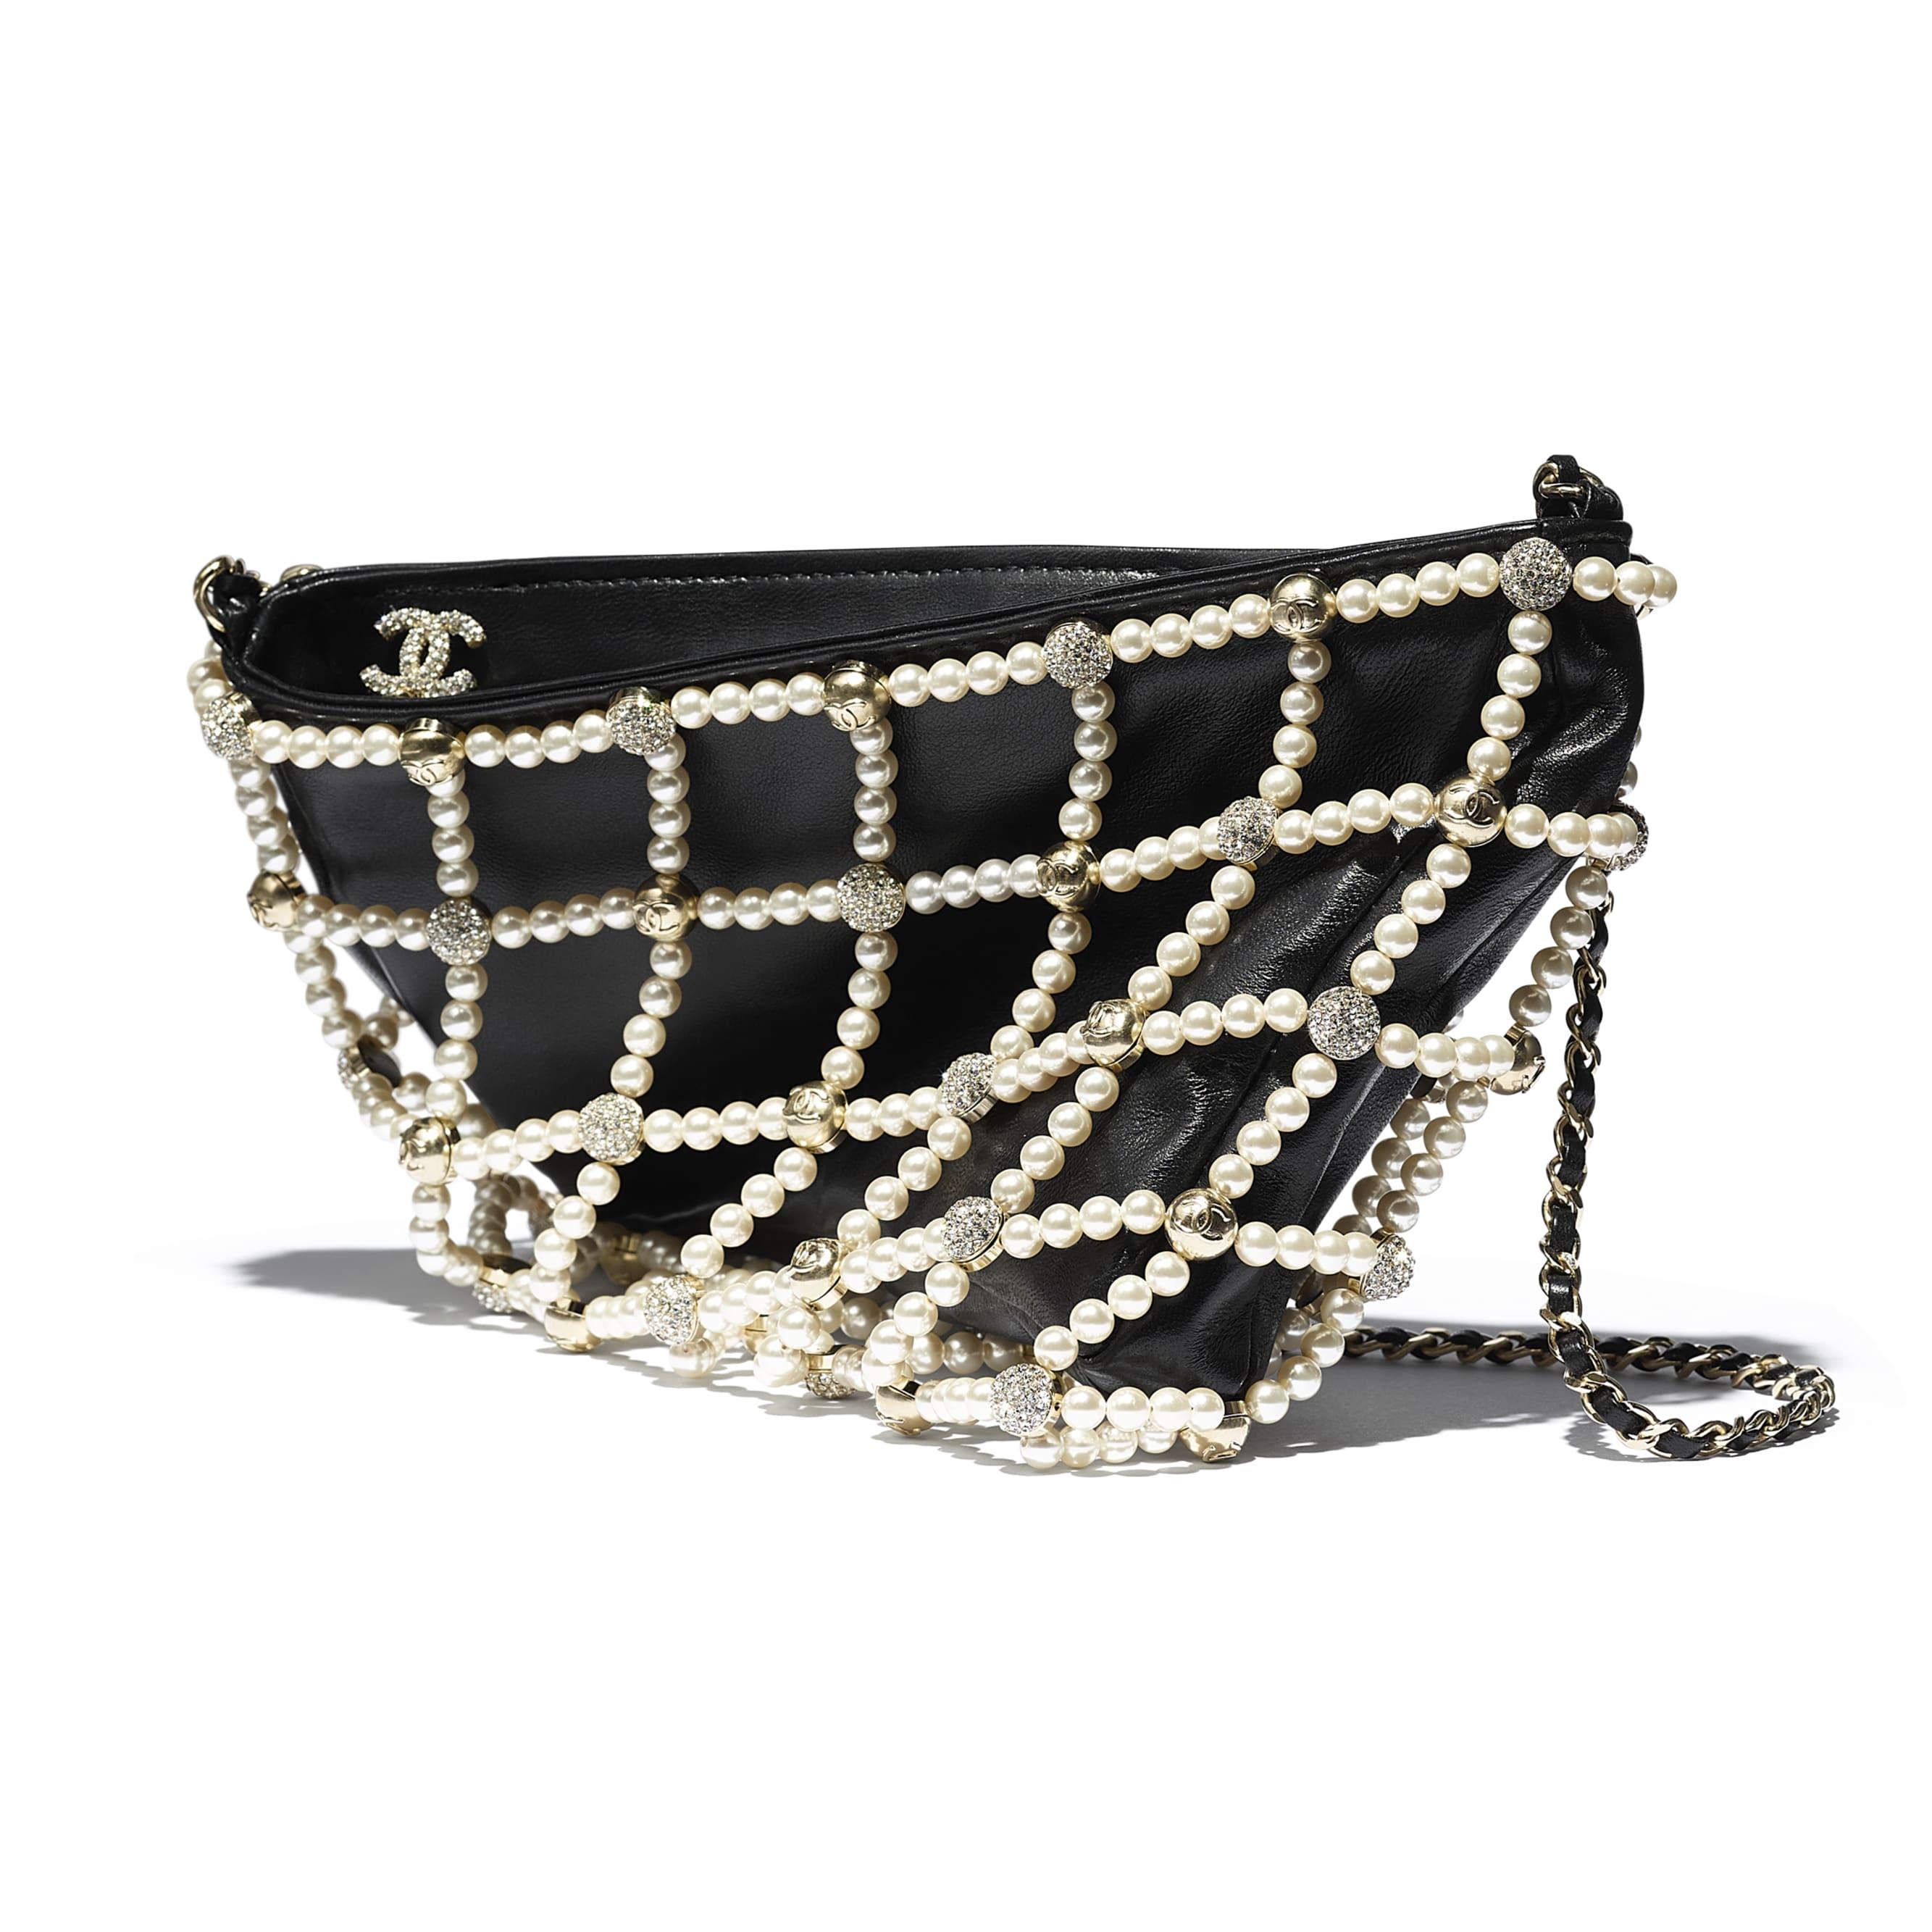 Pochette - Nero - Pelle di agnello, pelle, perle in pasta di vetro, strass & metallo effetto dorato - CHANEL - Immagine extra - vedere versione standard